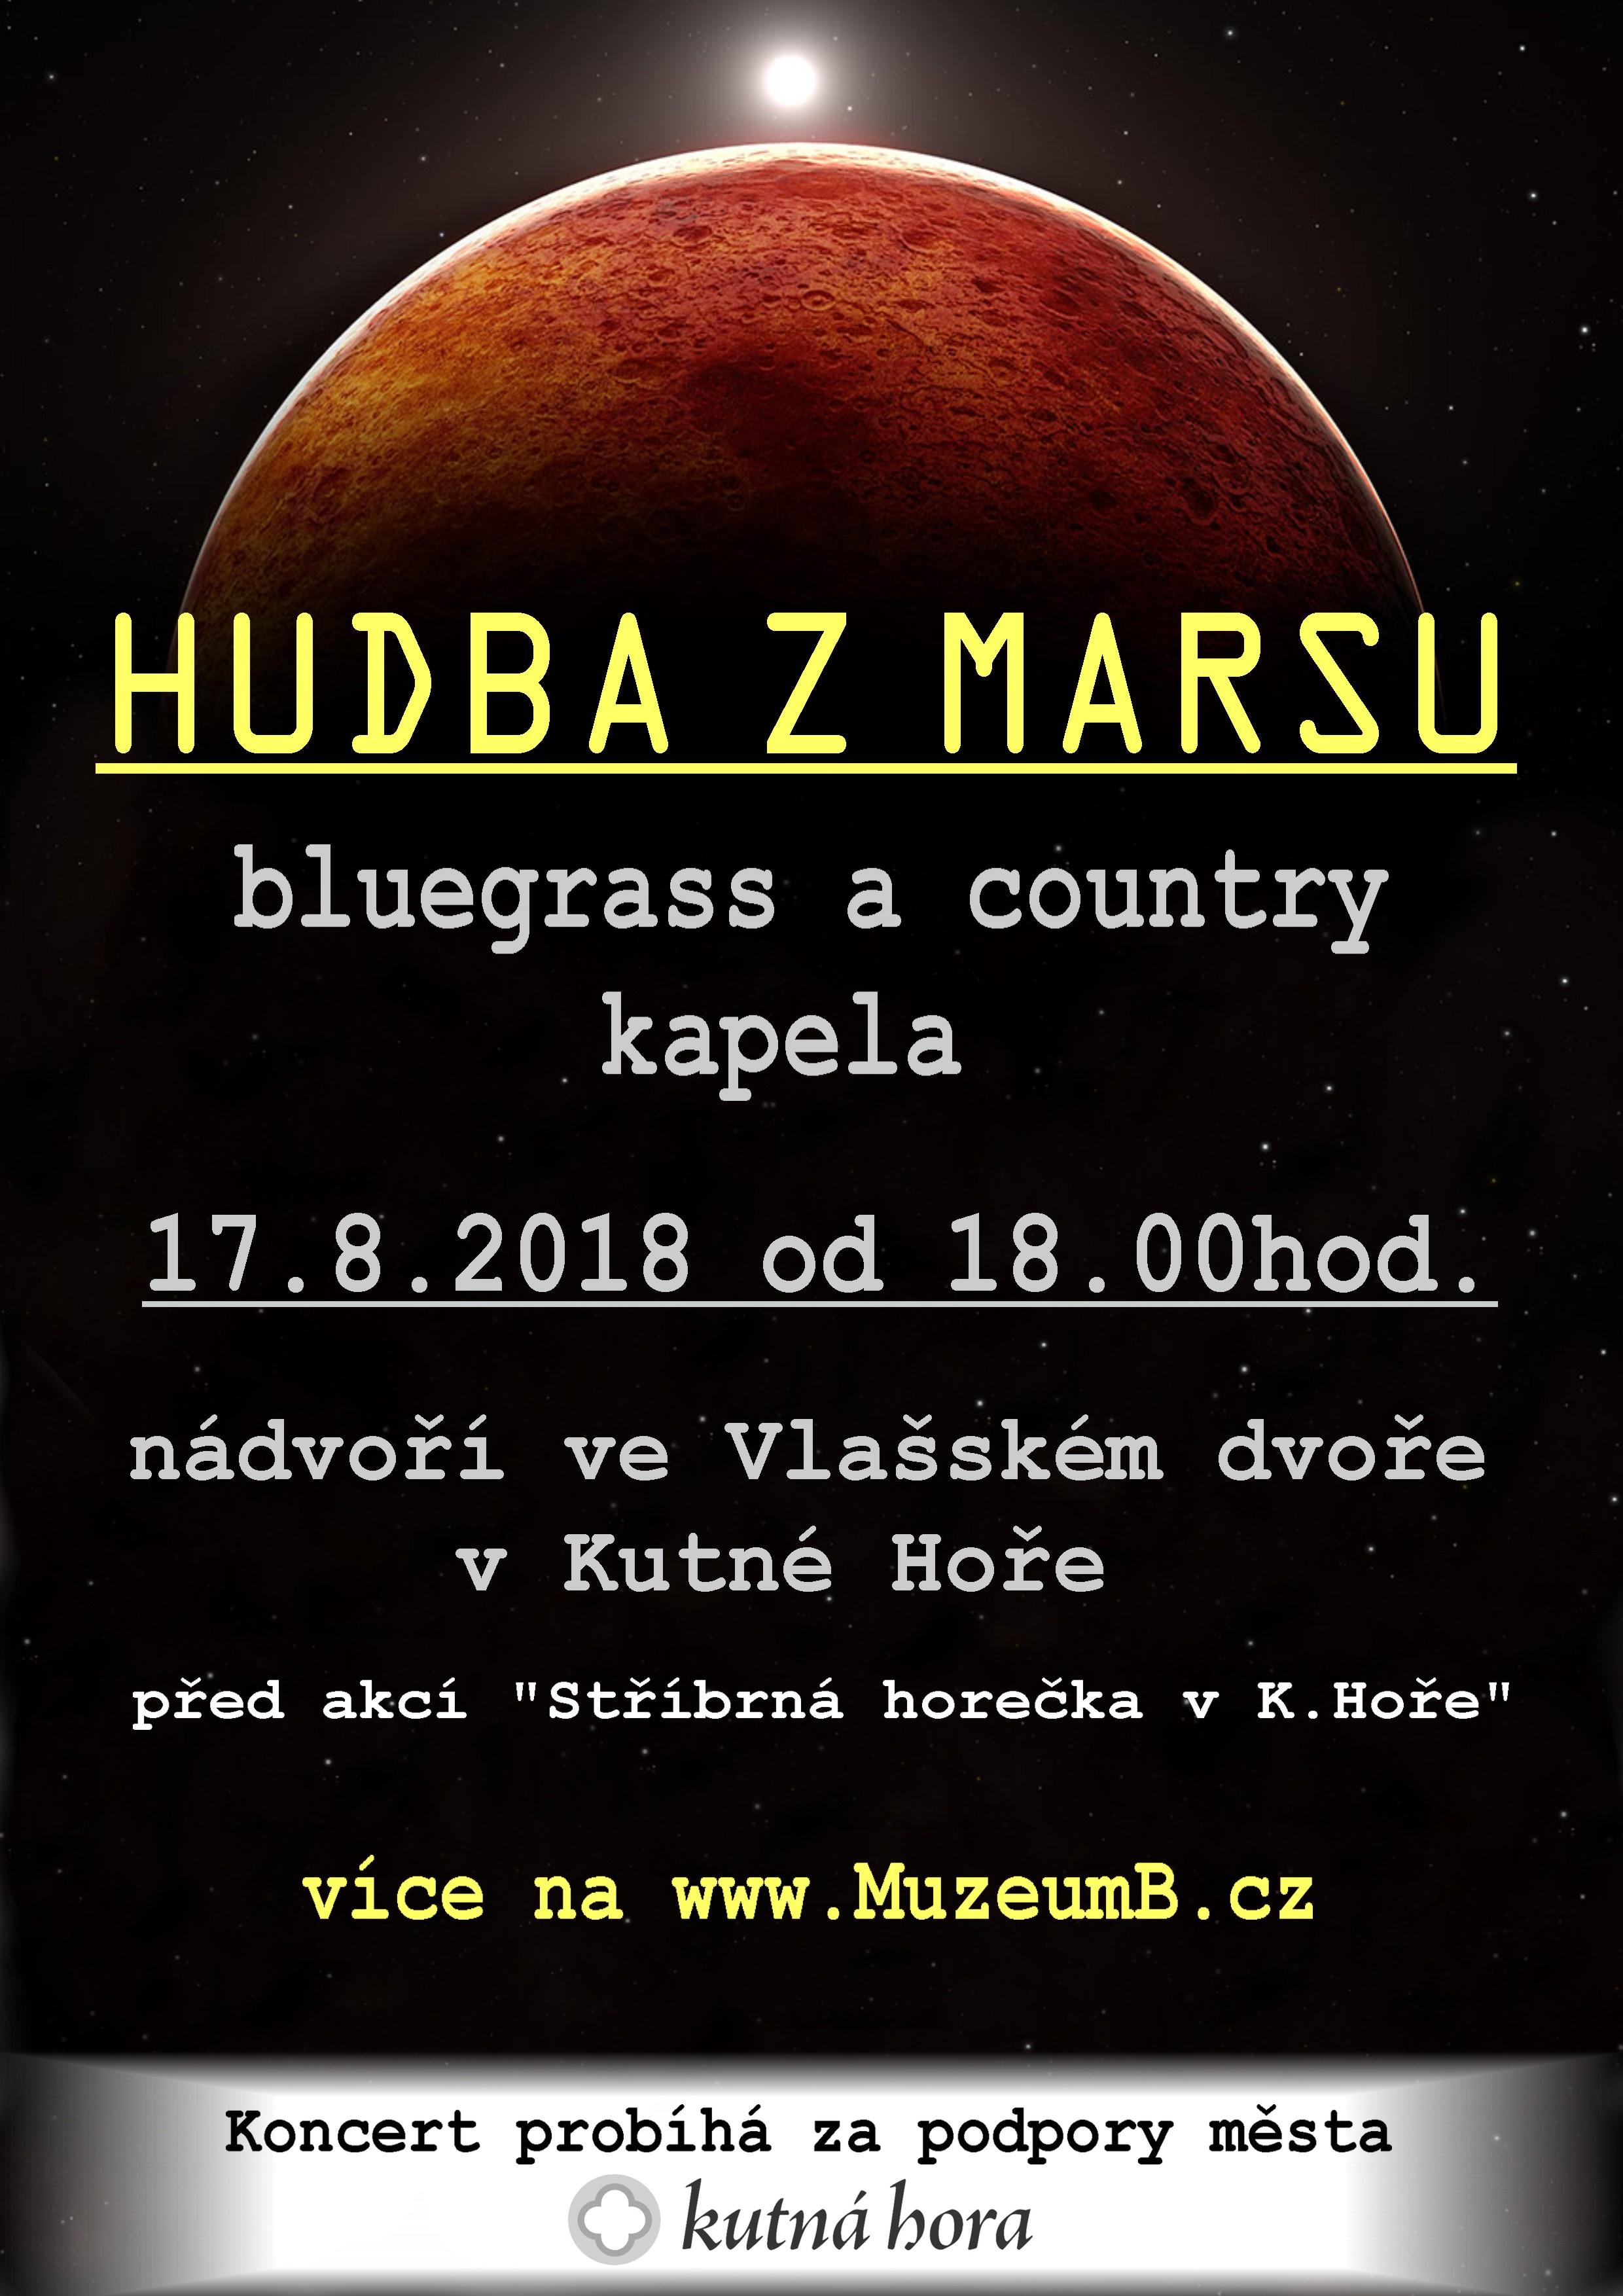 3941-hudba-z-marsu-plakat2-jpg.jpg